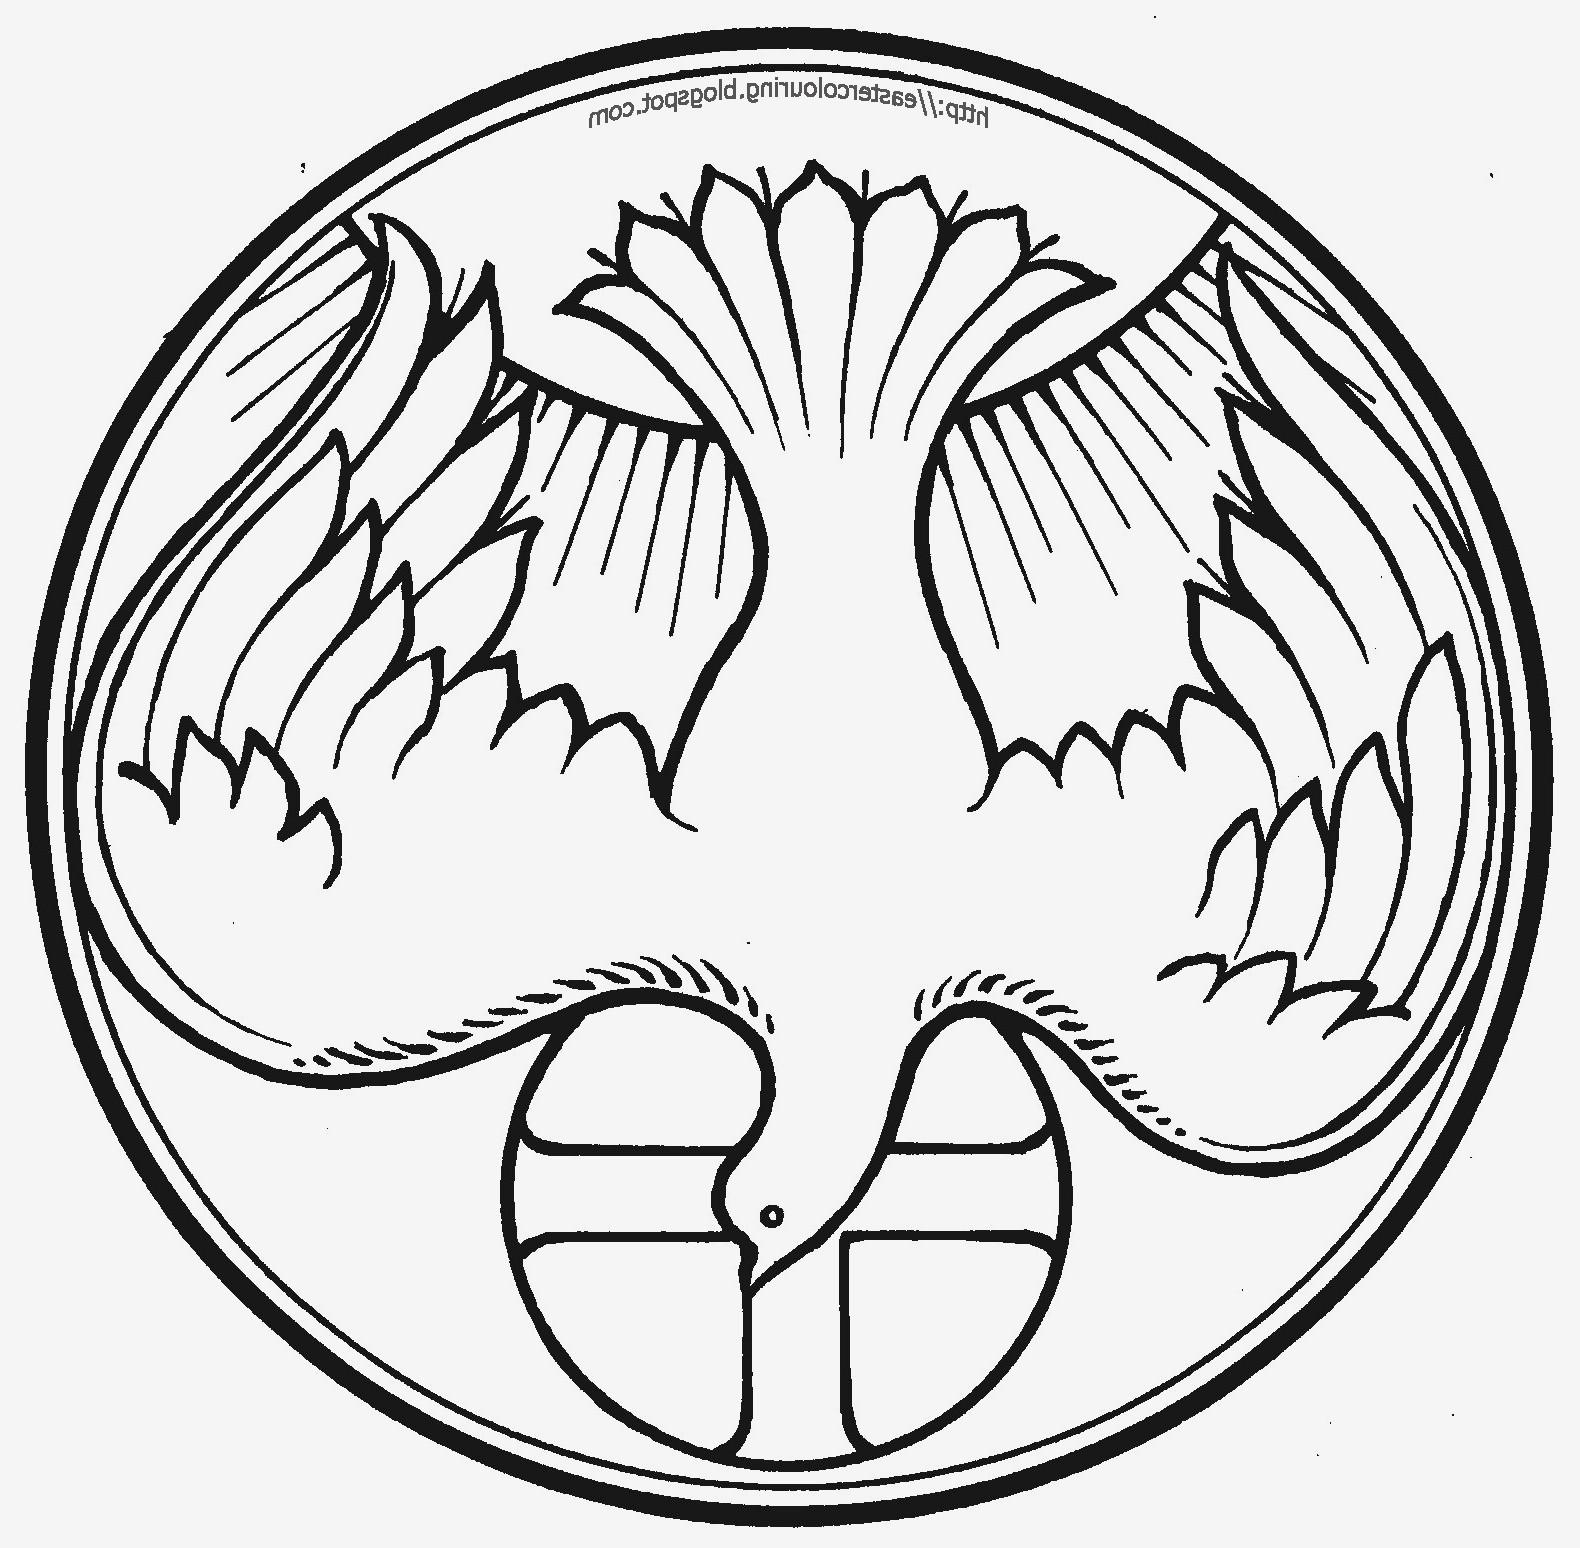 Ausmalbilder Ostereier Kostenlos Frisch 33 Neu Ausmalbilder Ostern Mandala – Große Coloring Page Sammlung Das Bild